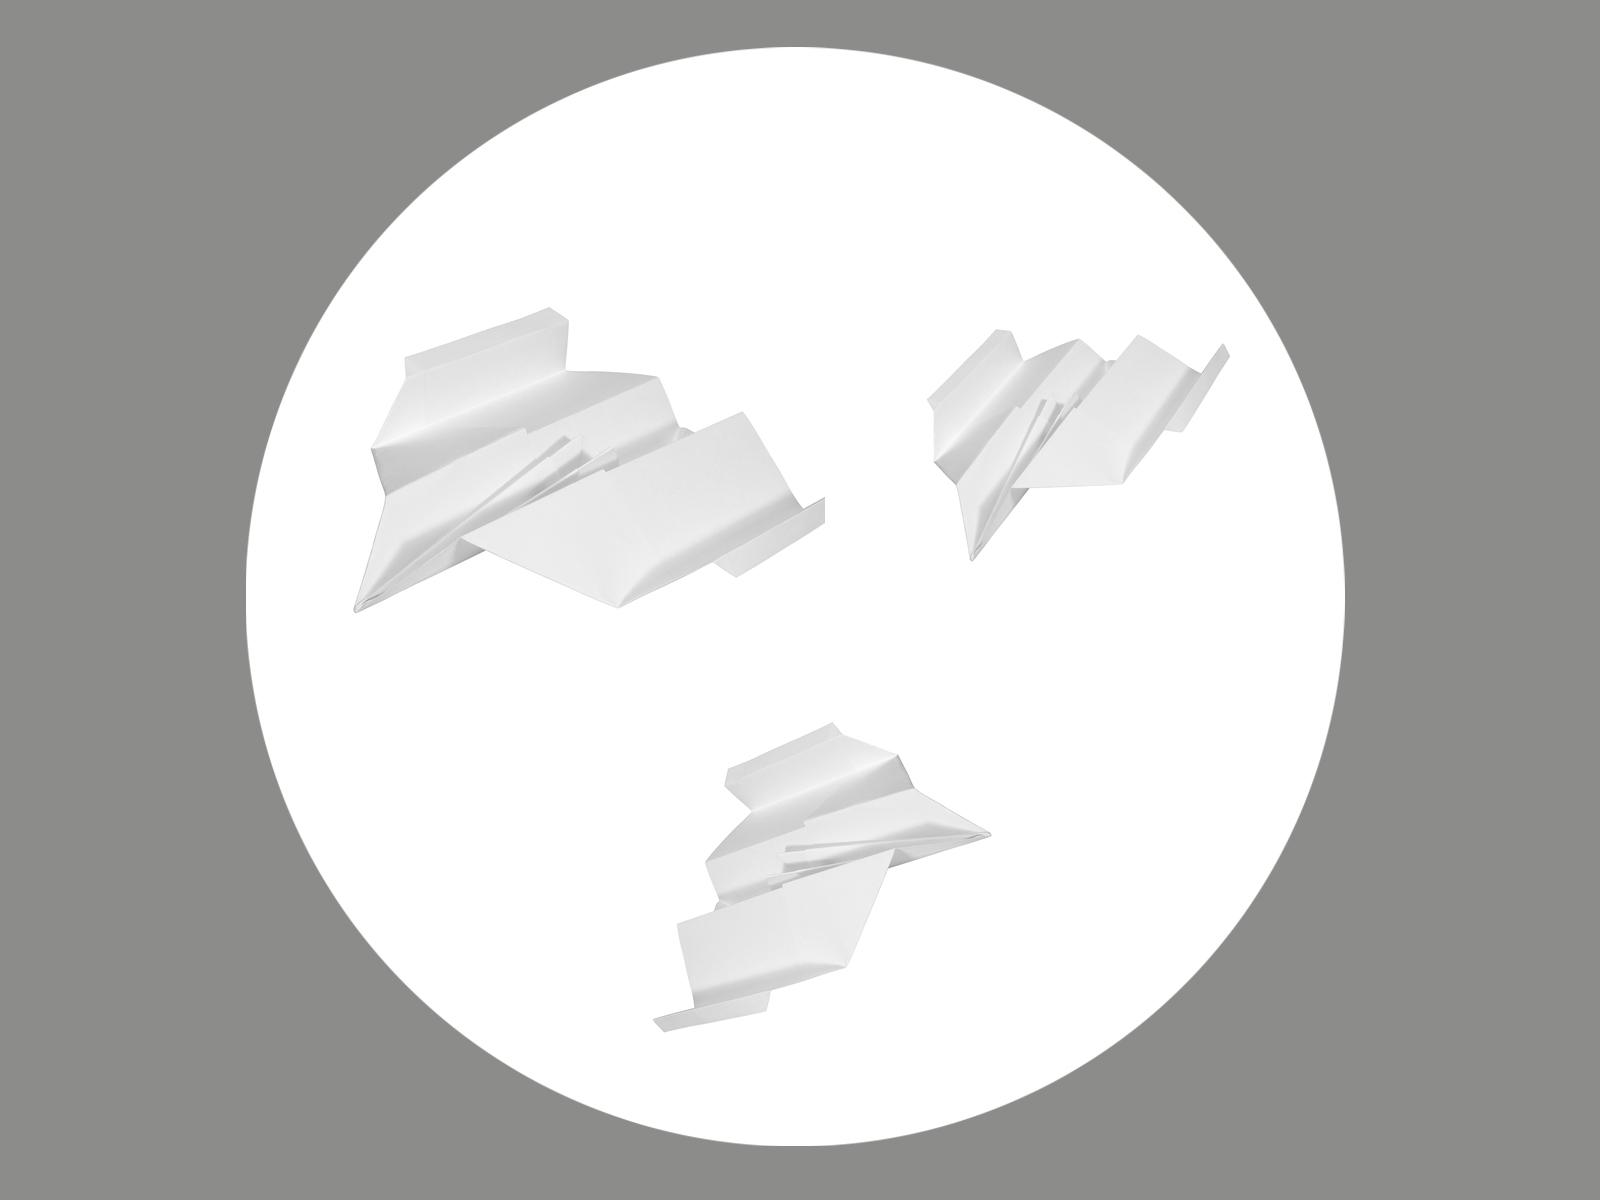 Blendermotiv Papierflieger